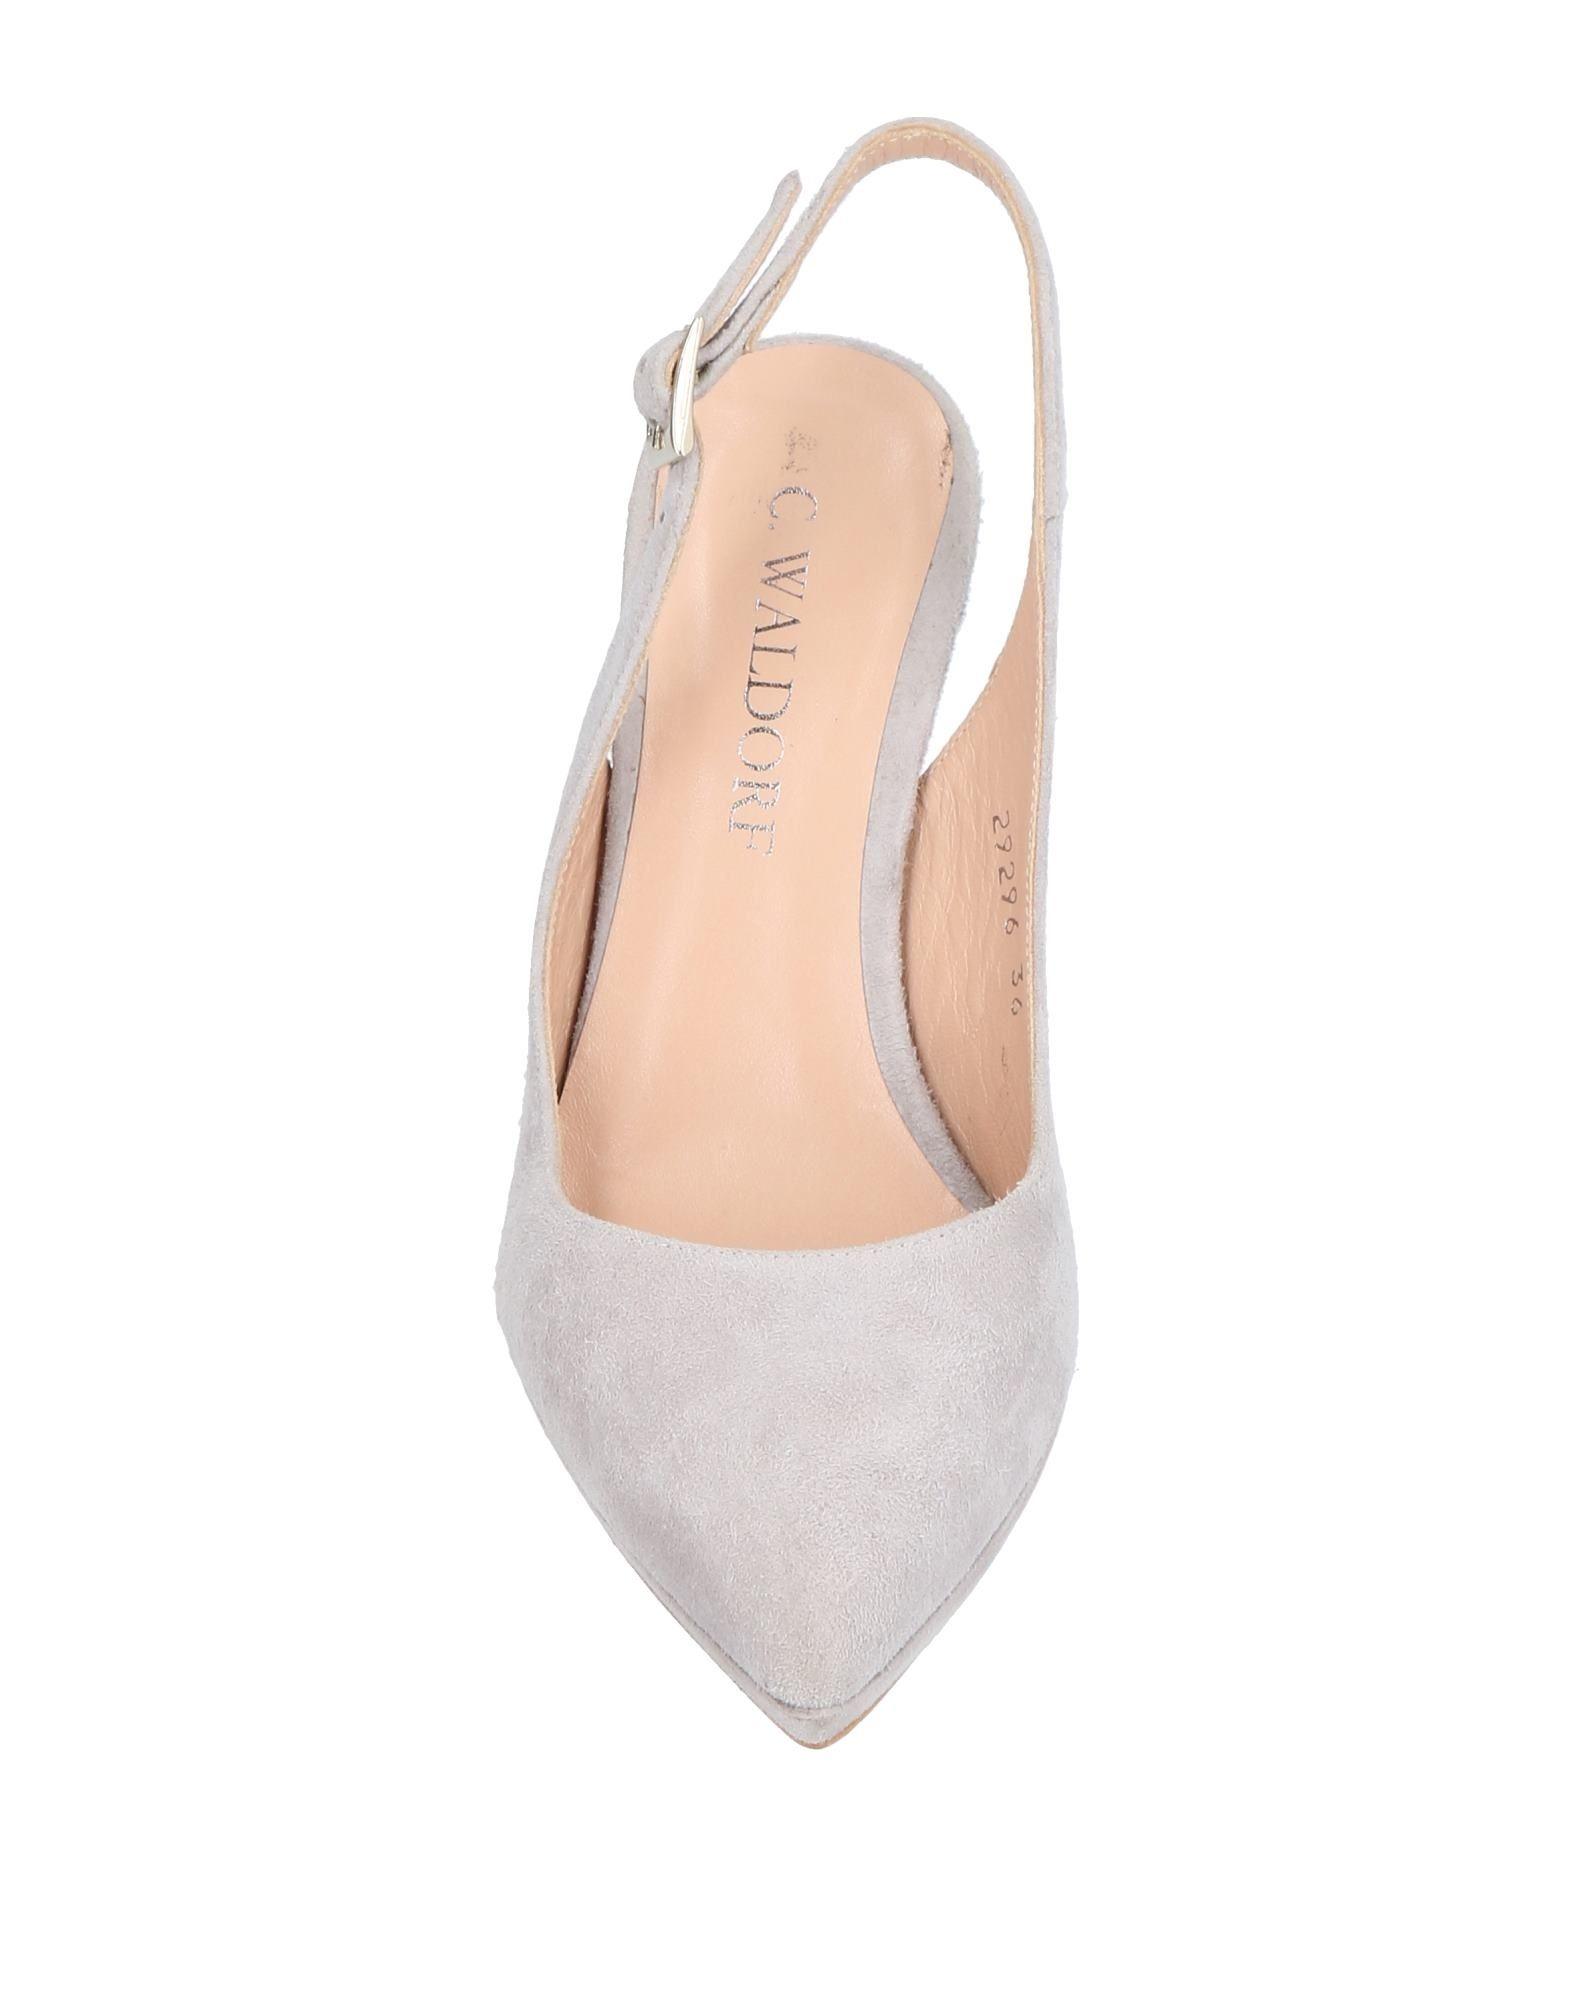 C.Waldorf Pumps Damen  11463416XK Gute Qualität beliebte Schuhe Schuhe Schuhe a8bd03